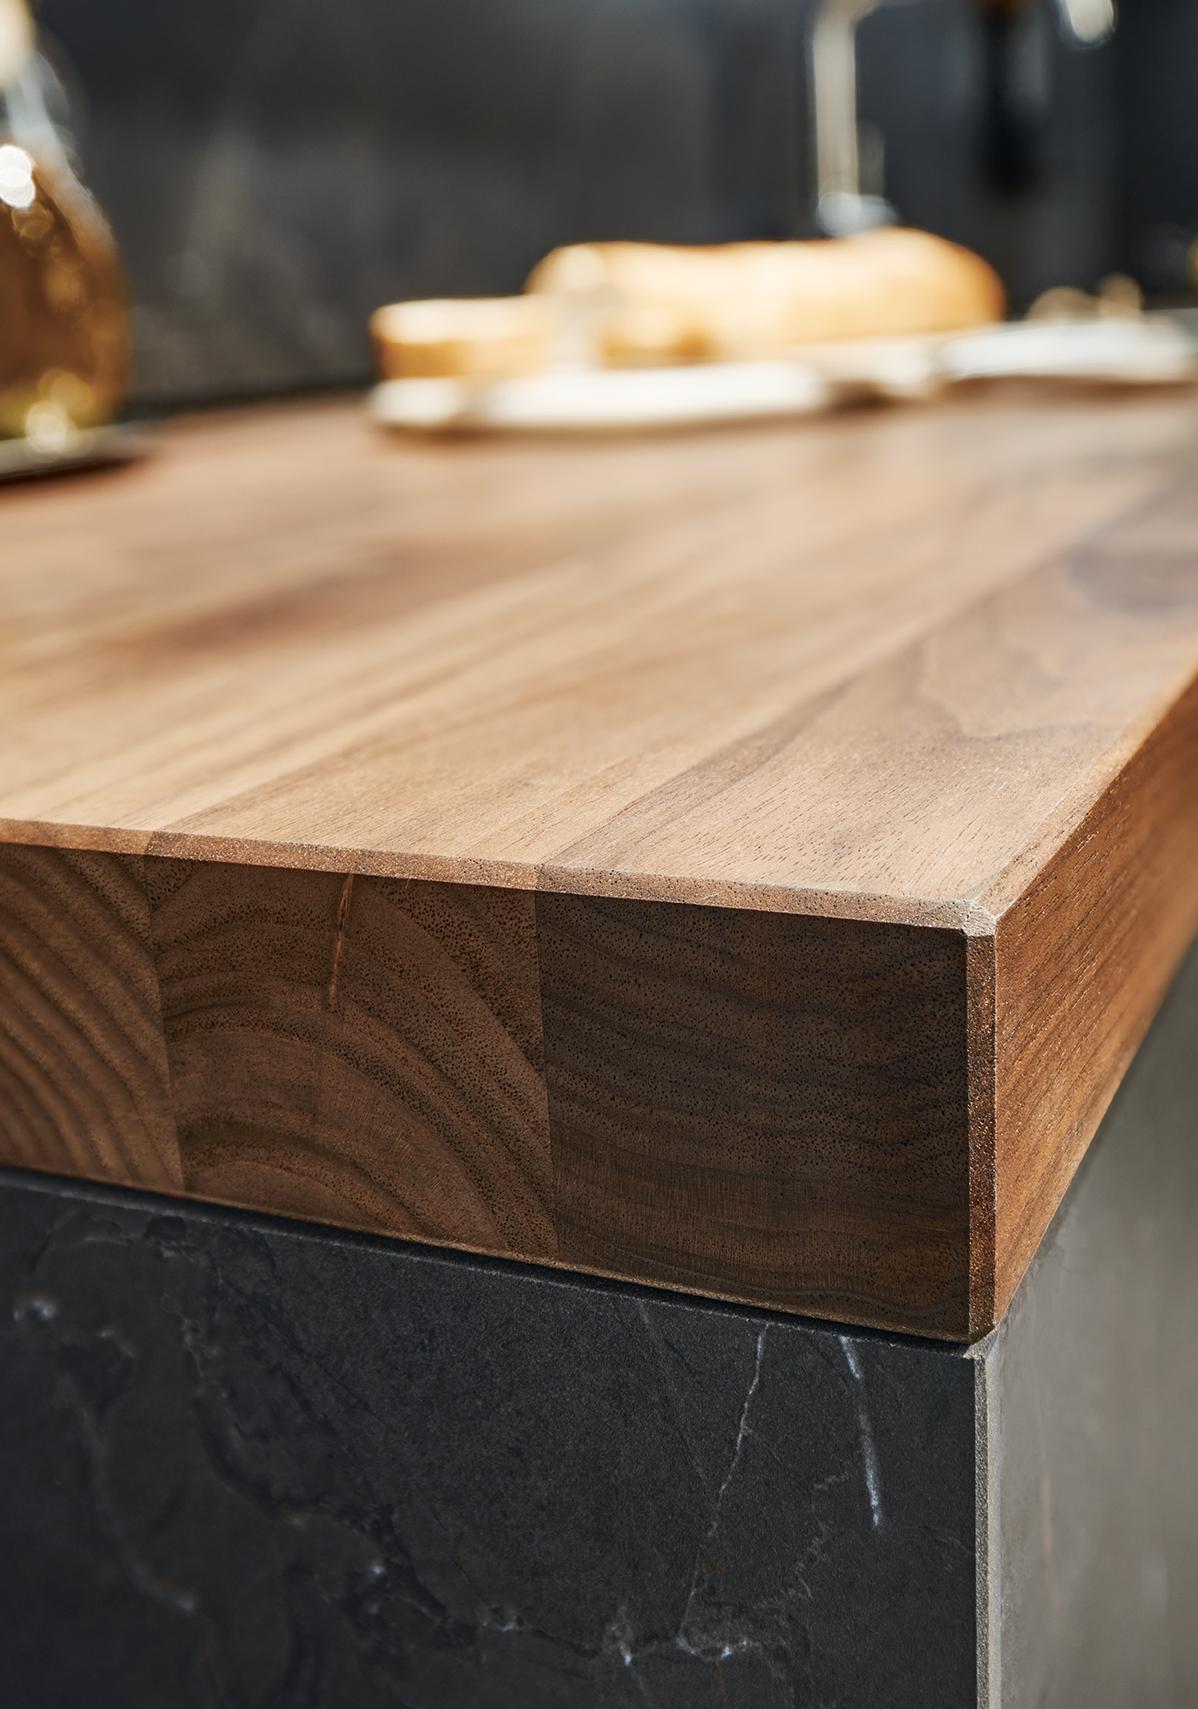 Cuisine sur mesure Next125 alliance marbre noir et bois modernité épuré soigné littoz